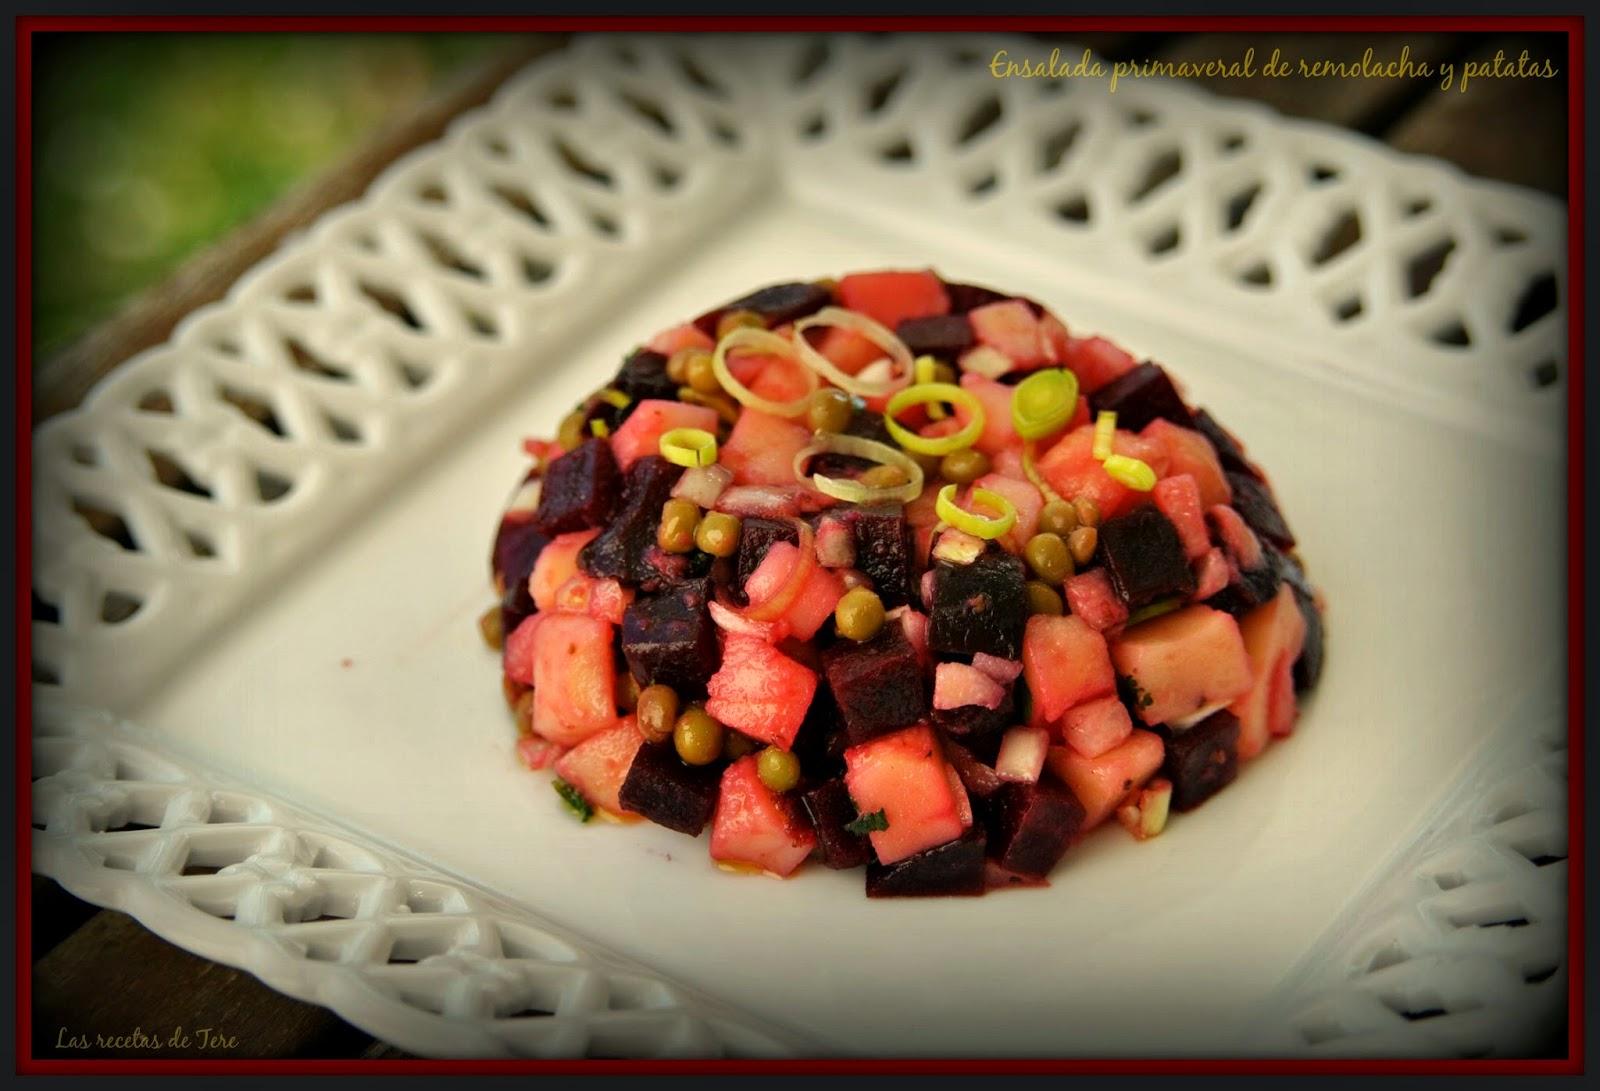 ensalada primaveral de remolacha y patatas 04